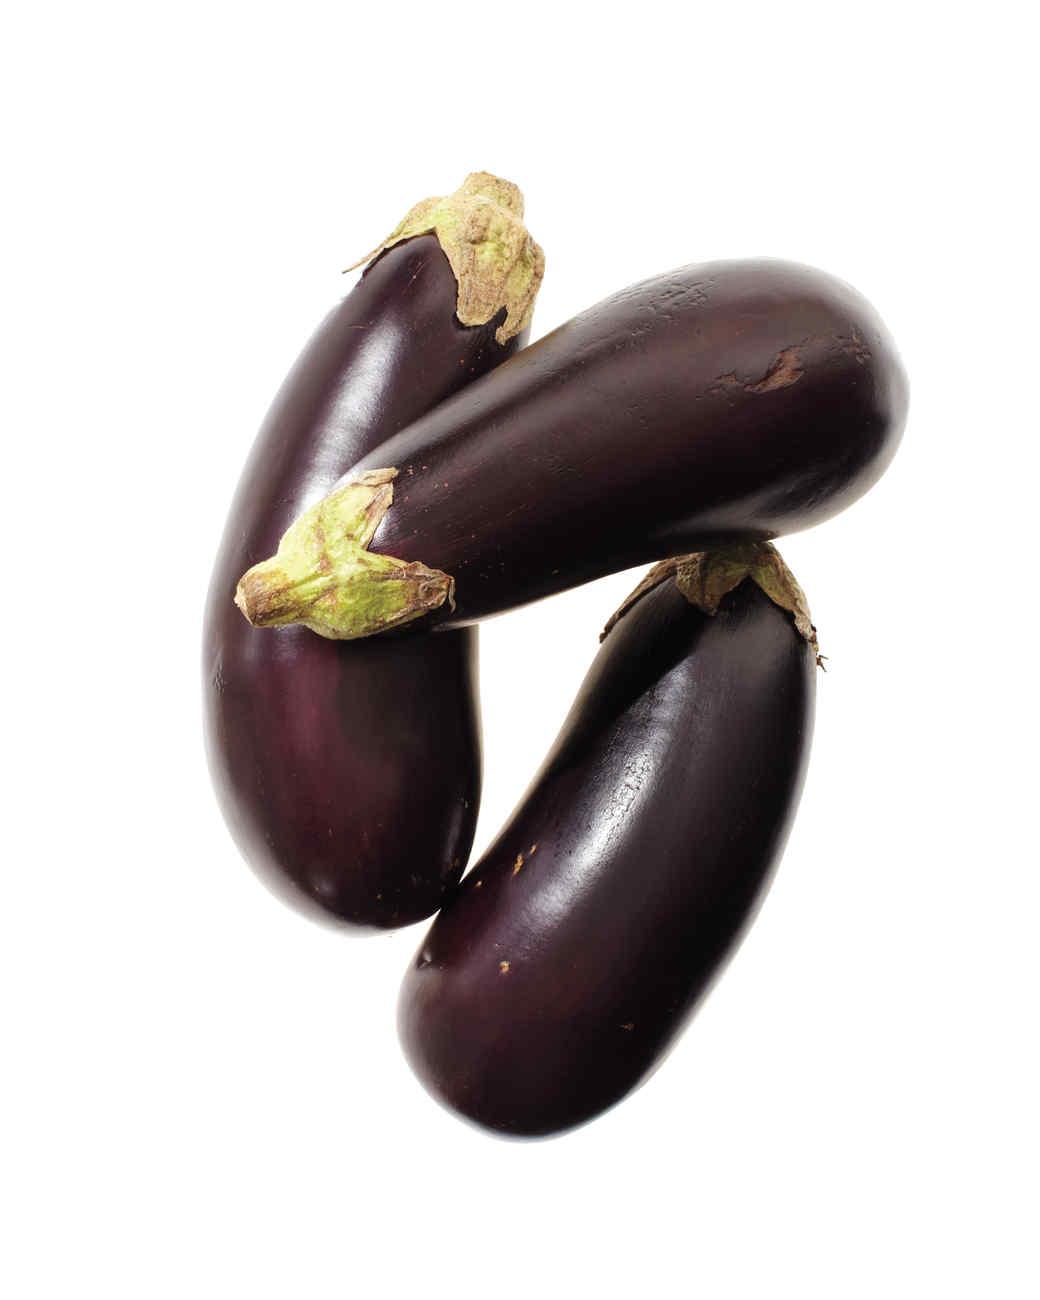 eggplant-med108826.jpg